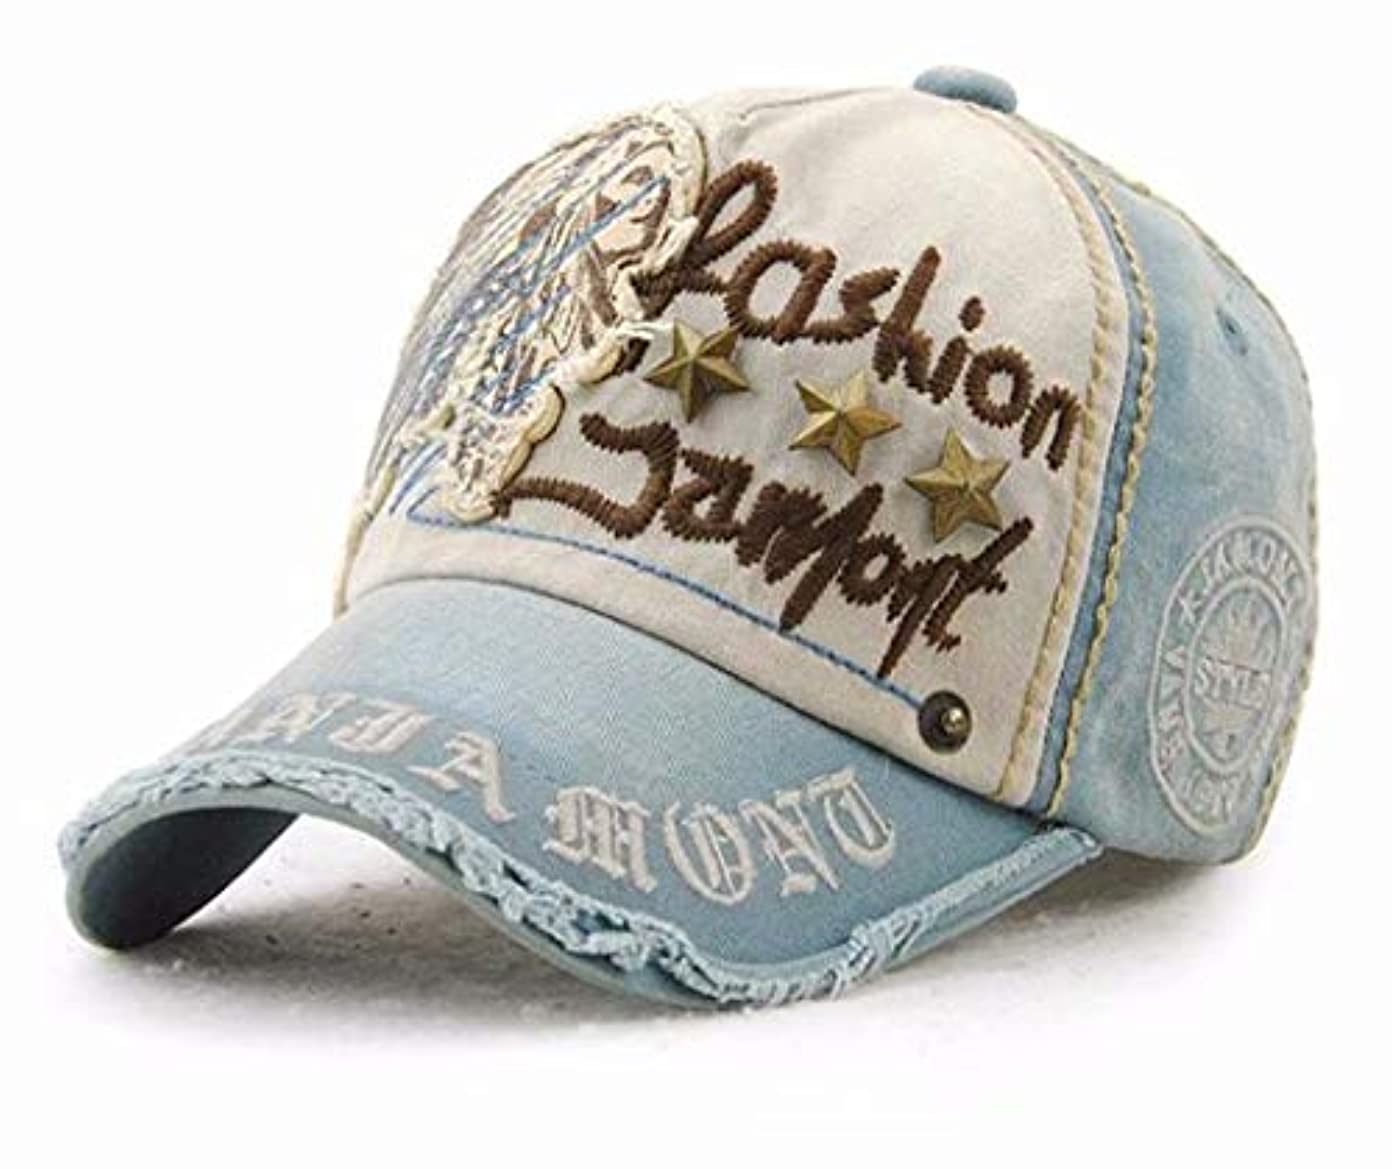 全国シャーロックホームズ運営七里の香 リベットの刺繍の野球帽を ファッションのカウボーイハットをピークに、キャップ